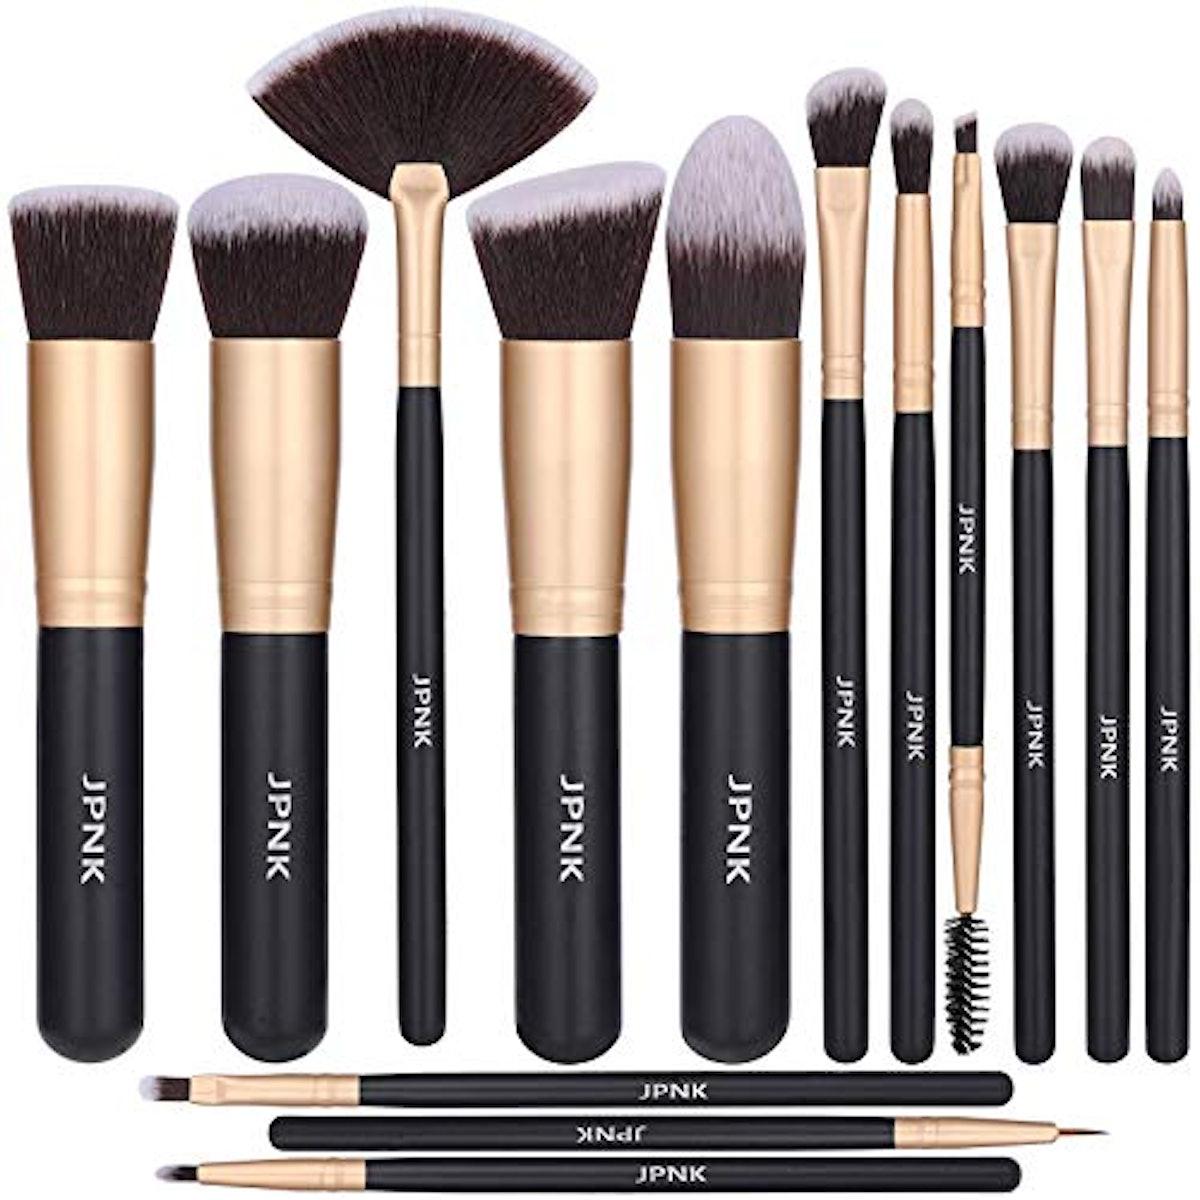 JPNK Makeup Brush Set